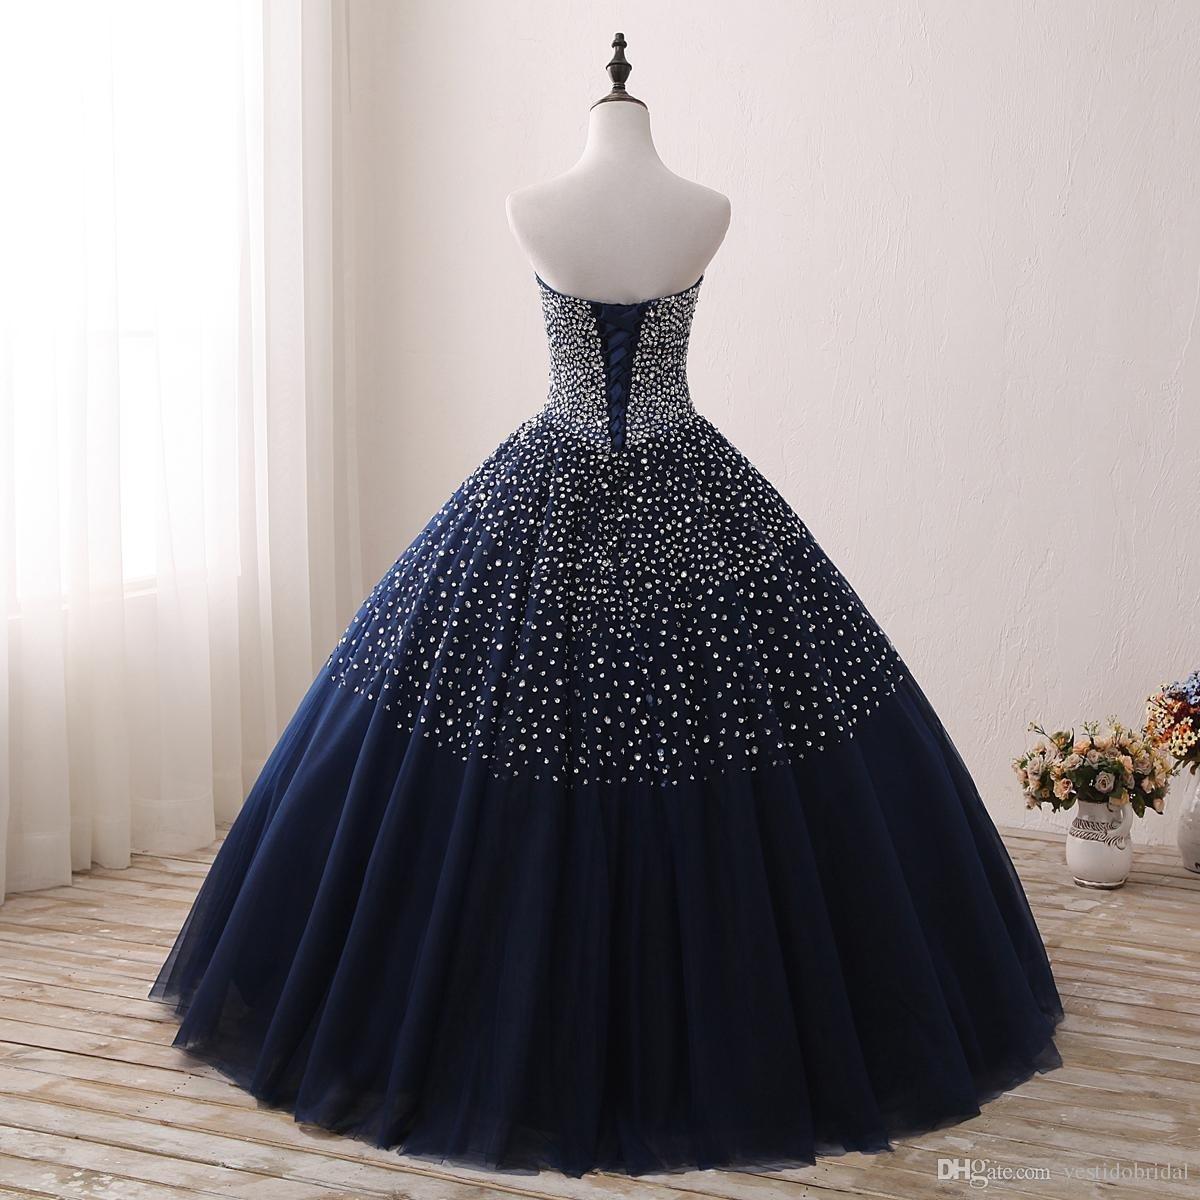 Abend Coolste Abendbekleidung für 201917 Luxurius Abendbekleidung Stylish